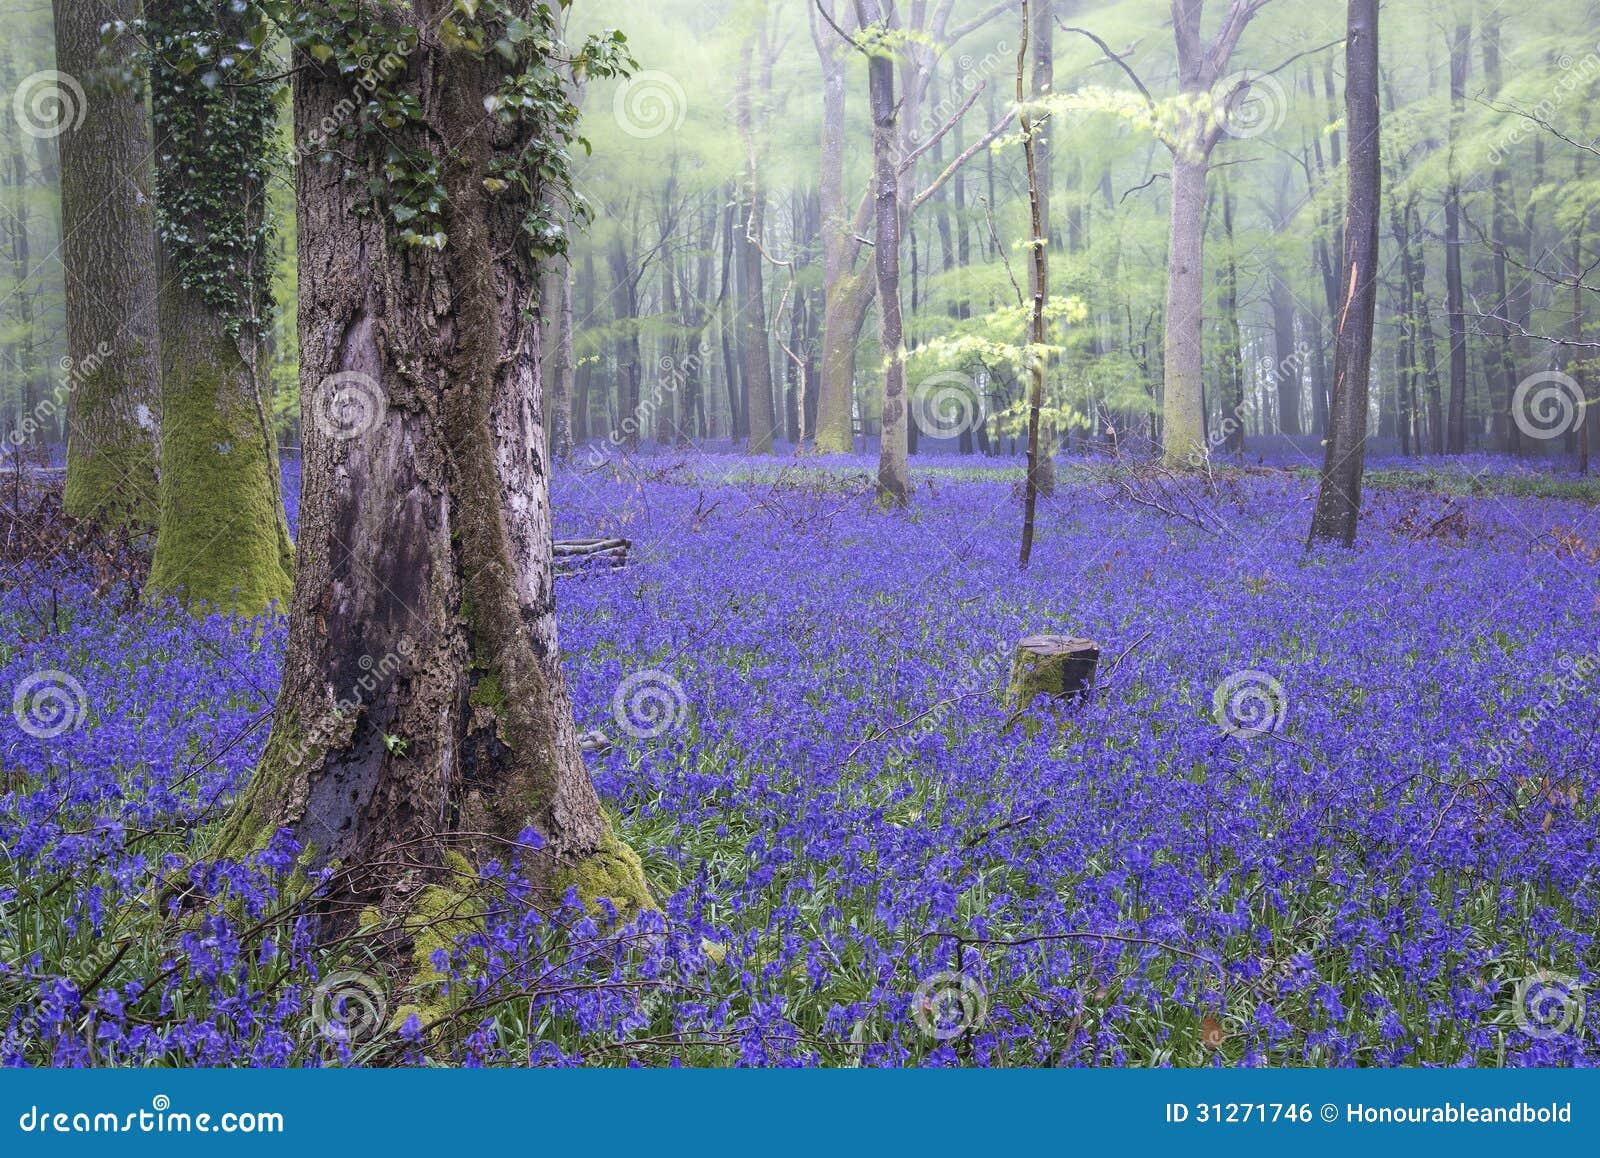 Paisaje de niebla de la campanilla de la alfombra del bosque vibrante de la primavera